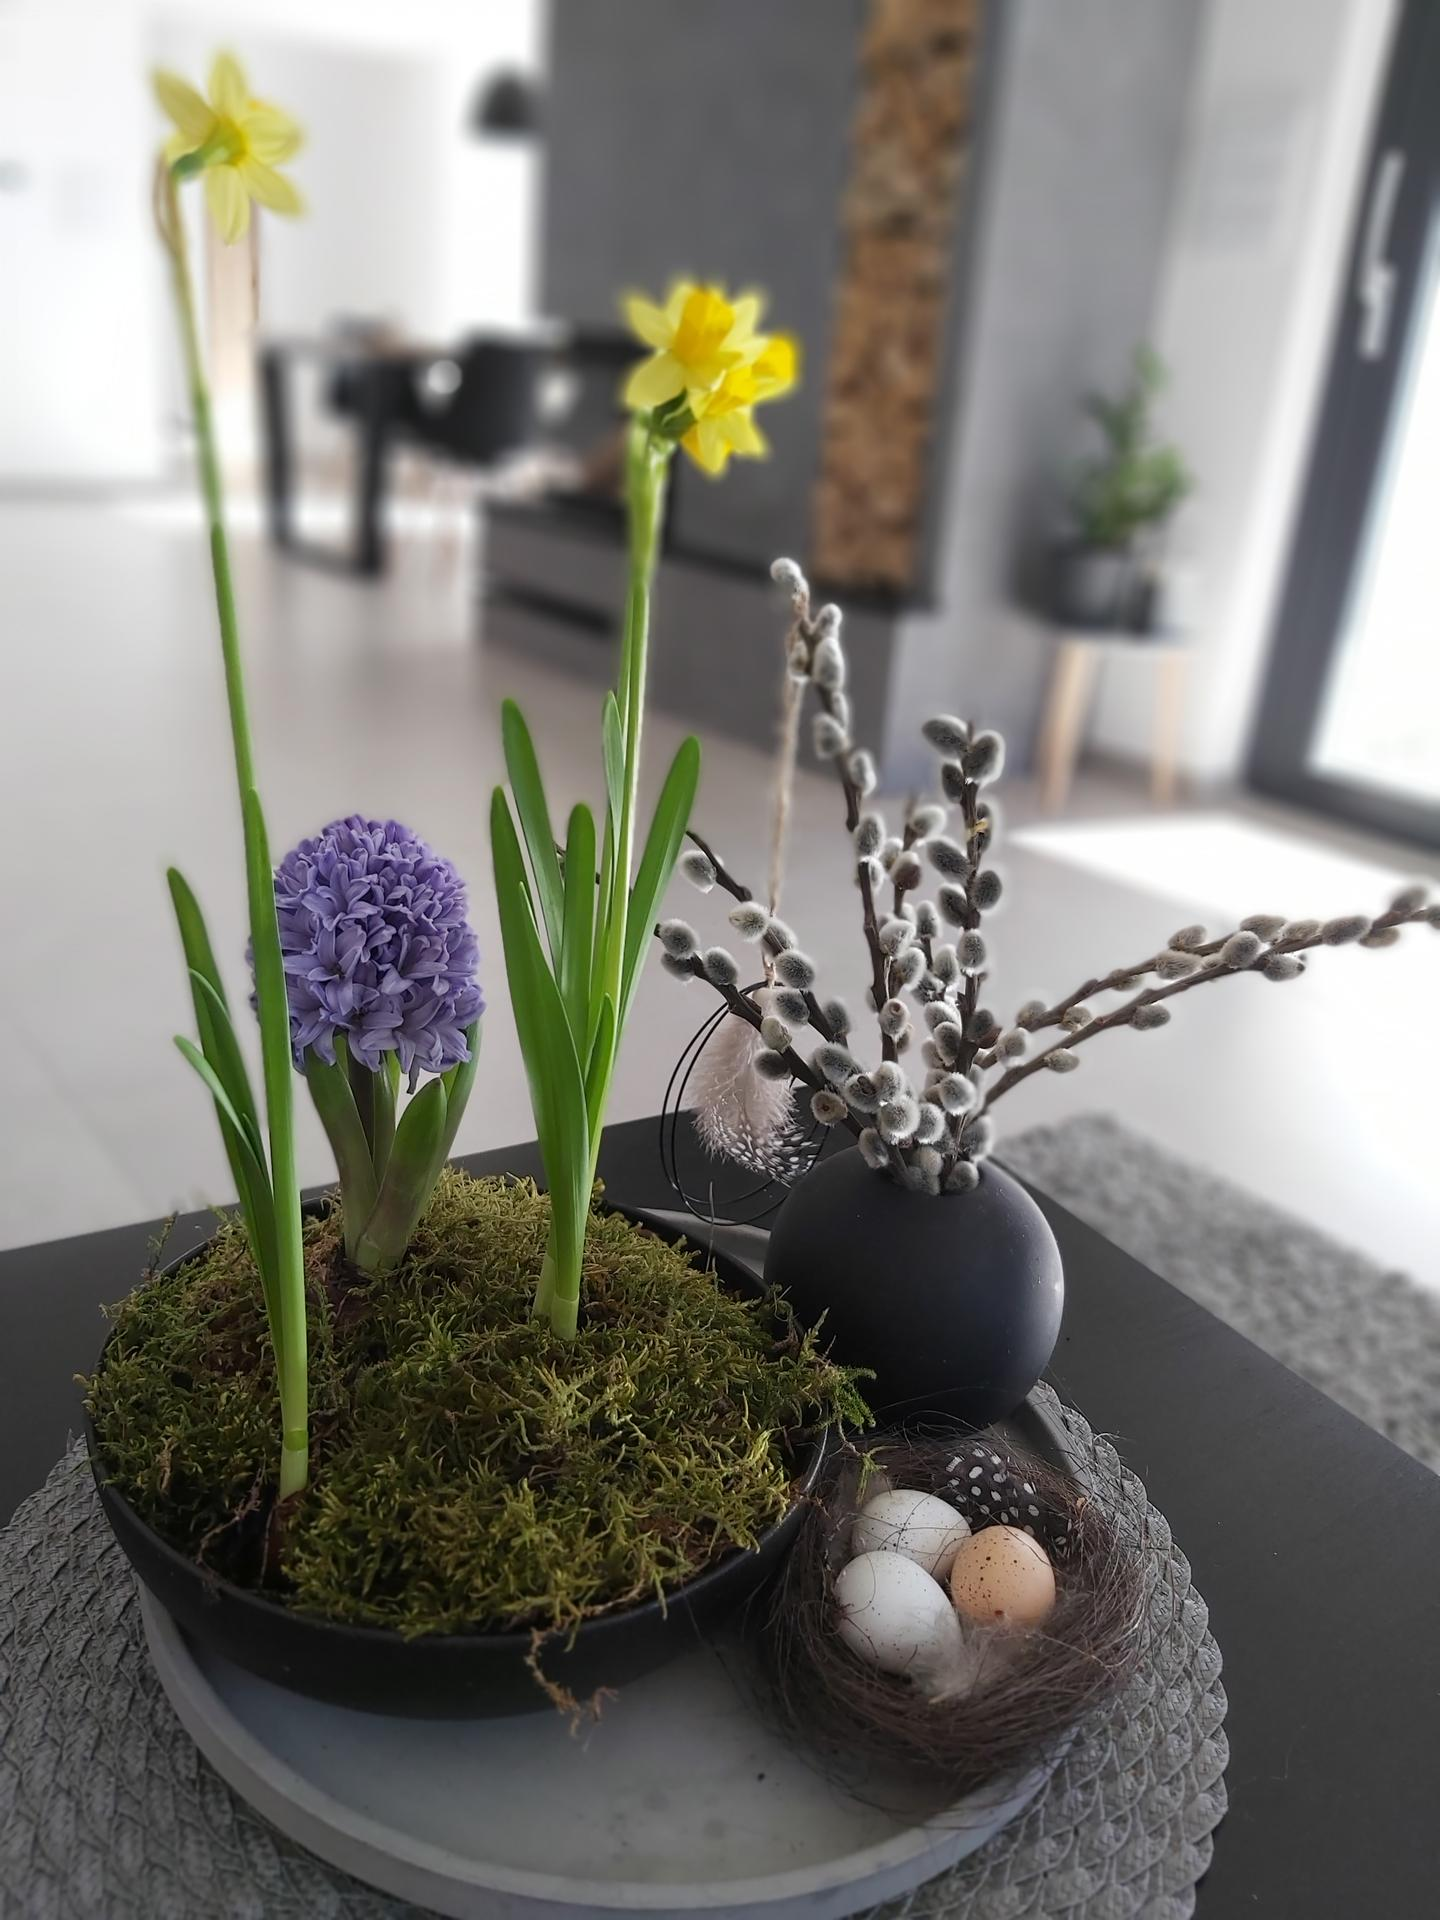 Jaro 2021 - Venku sníh, doma jaro🌼